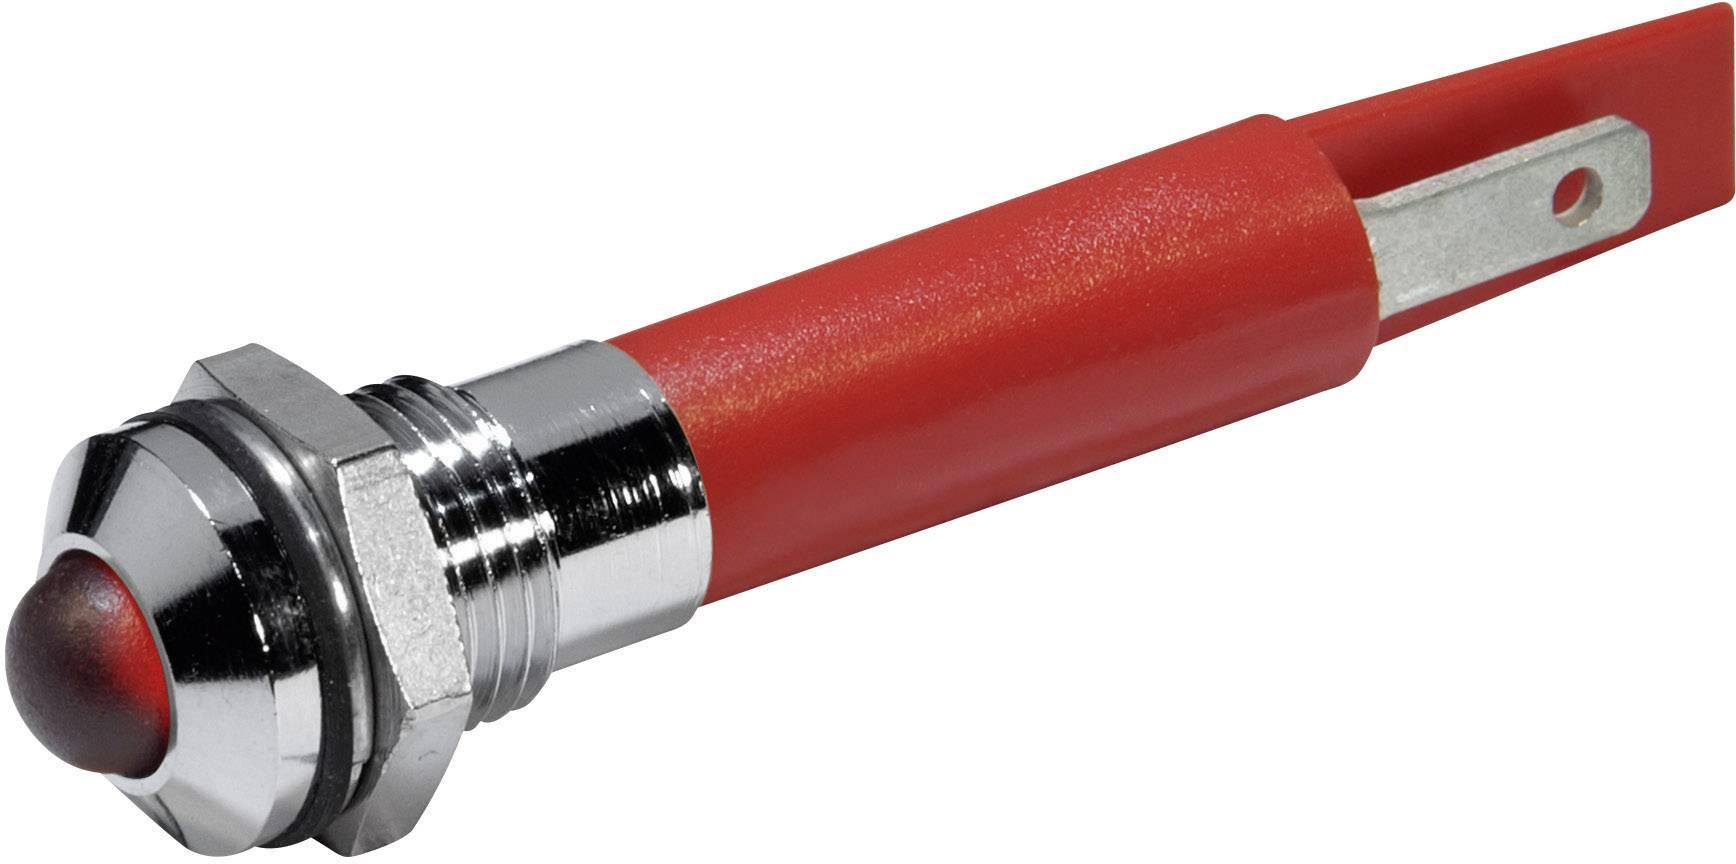 IndikačnéLED CML 19510430, 230 V/AC, červená